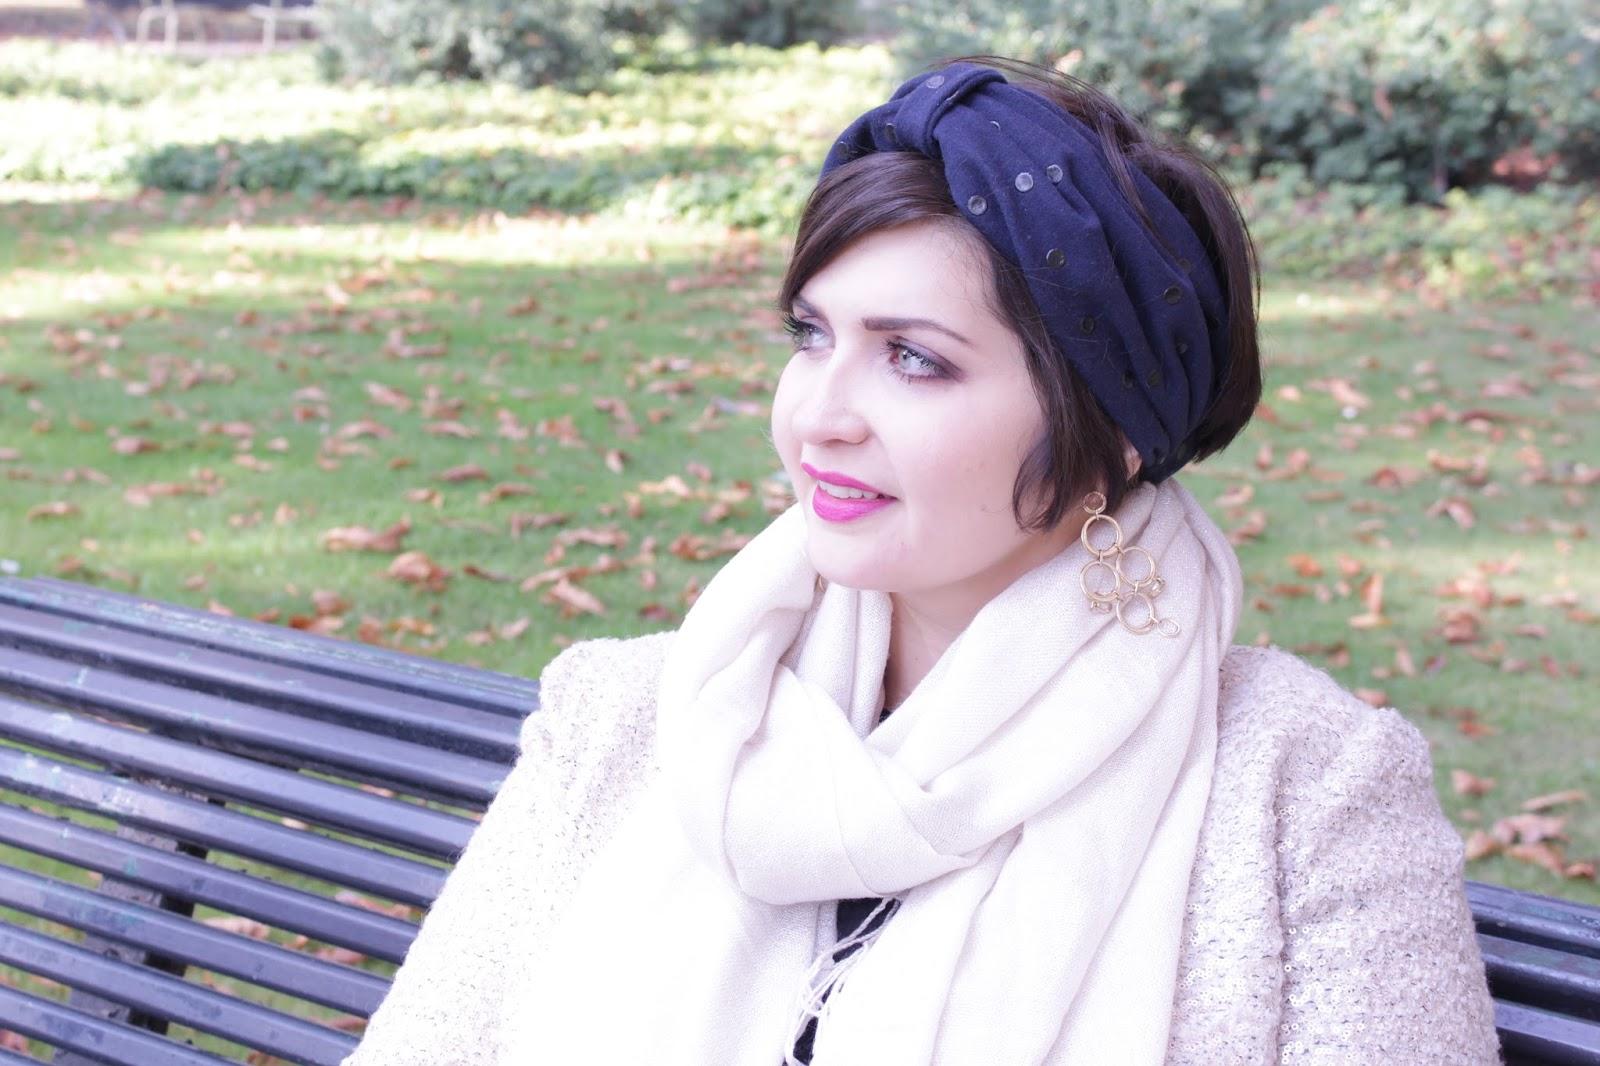 comment porter un headband sur cheveux courts marshmallowor l d. Black Bedroom Furniture Sets. Home Design Ideas